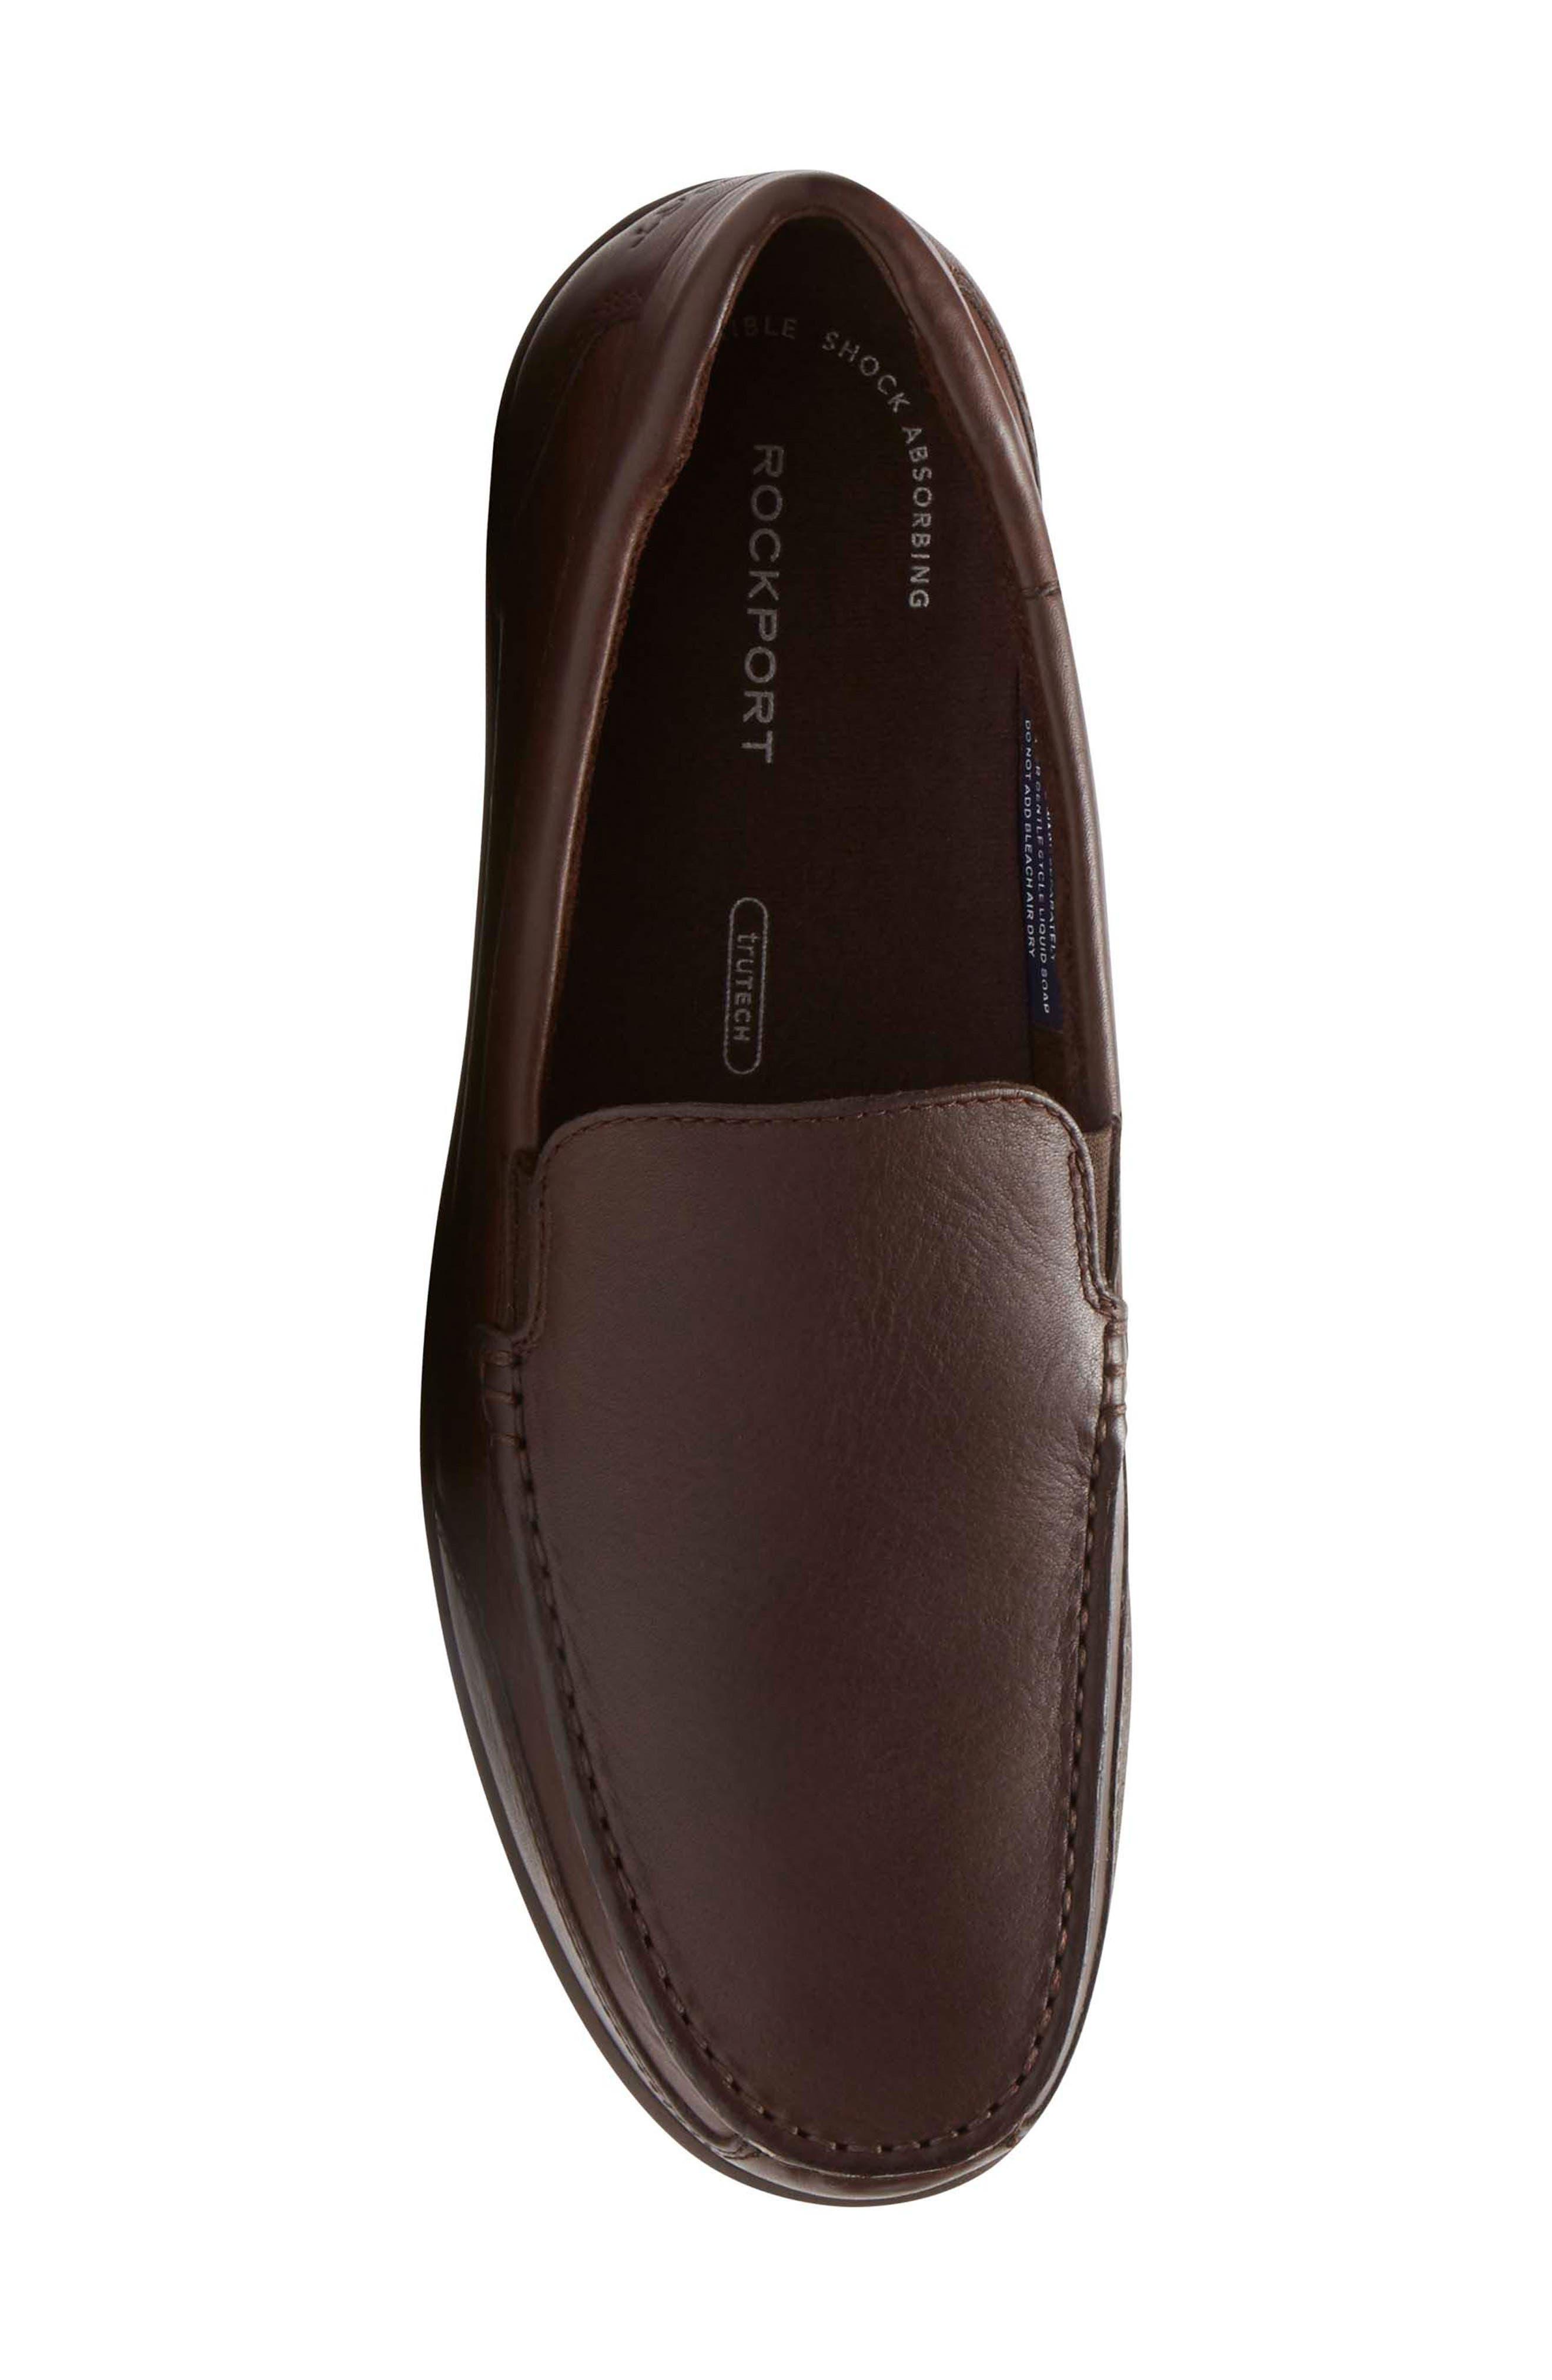 Bennett Lane Slip-On,                             Alternate thumbnail 2, color,                             Brown Leather